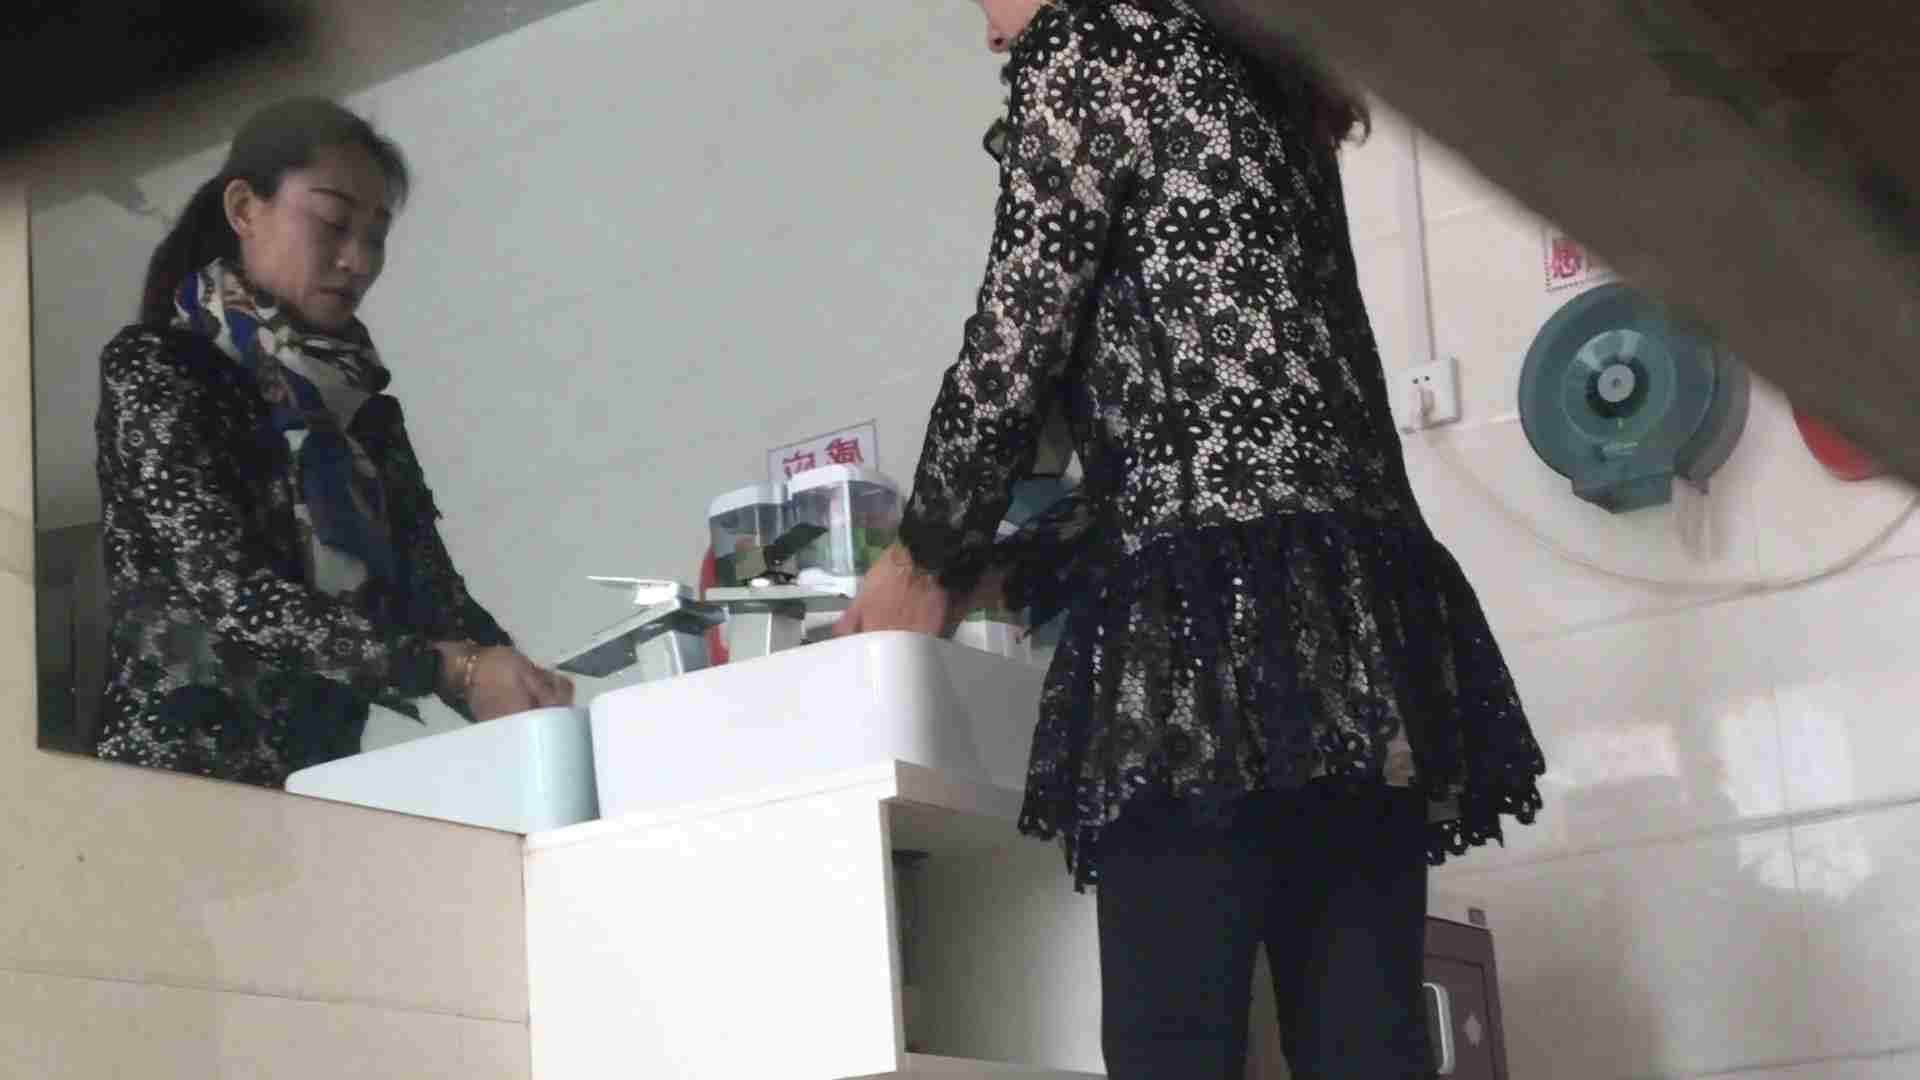 芸術大学ガチ潜入盗撮 JD盗撮 美女の洗面所の秘密 Vol.108 高画質  83PIX 46